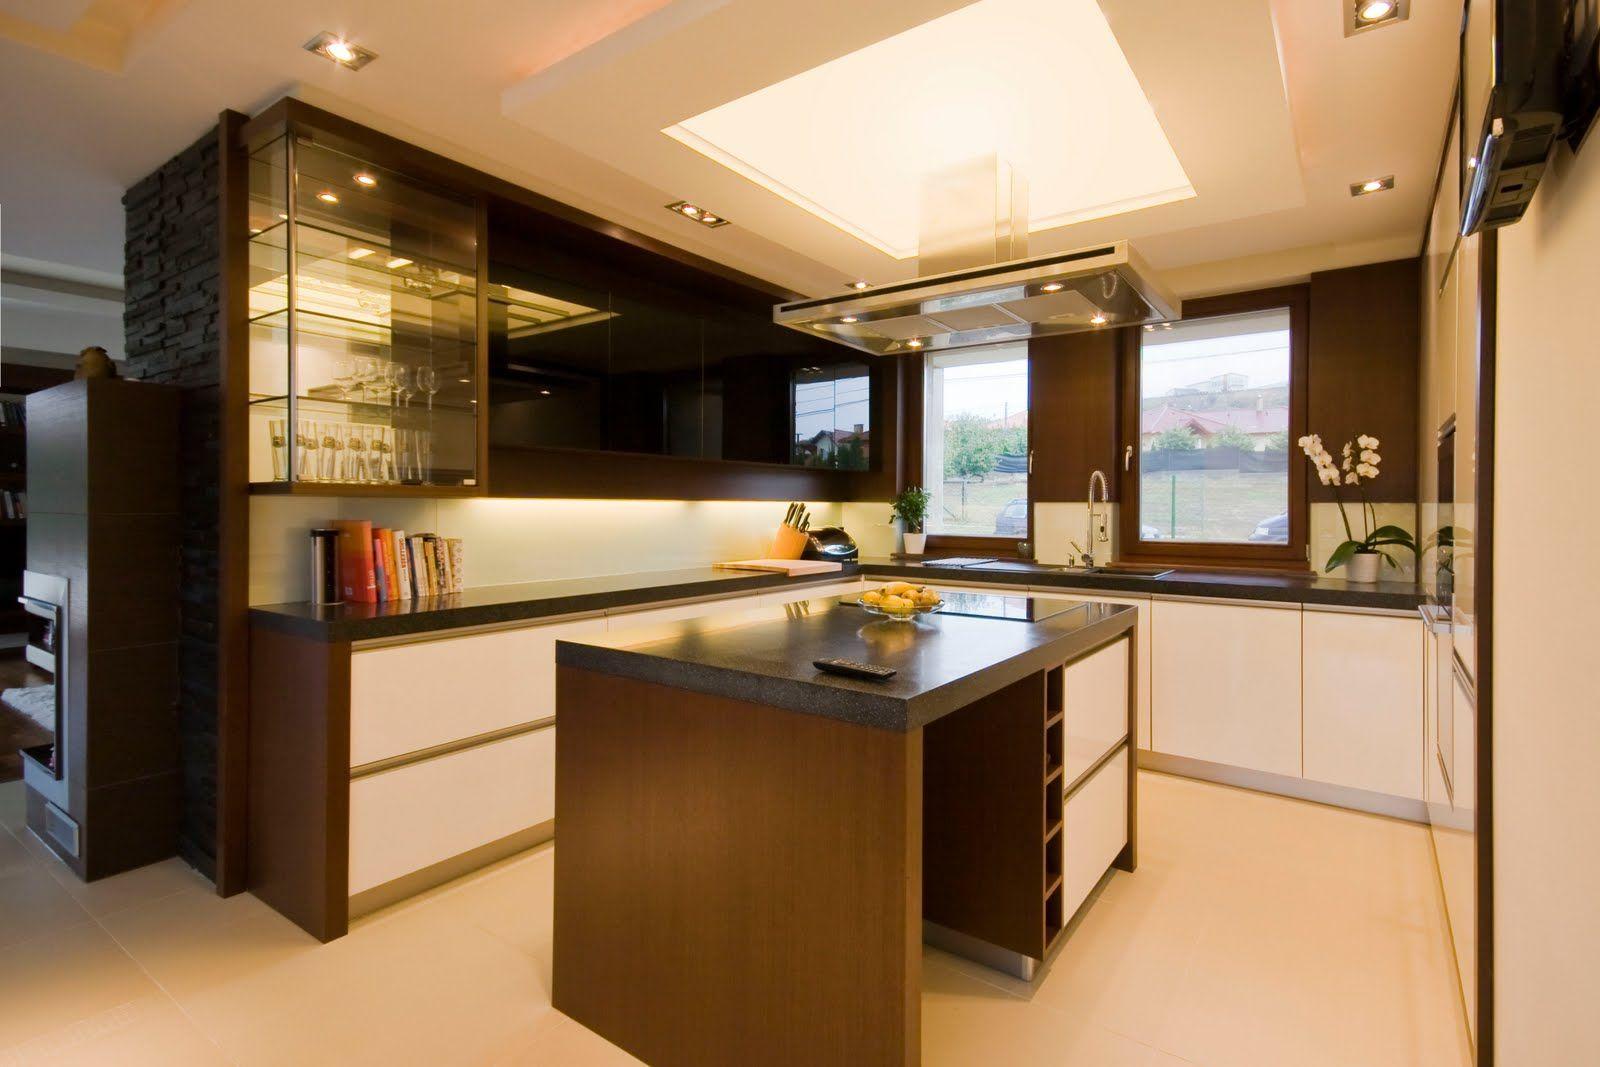 über küchenschrank ideen zu dekorieren top ideen moderner küche beleuchtung für die schöne dekoration